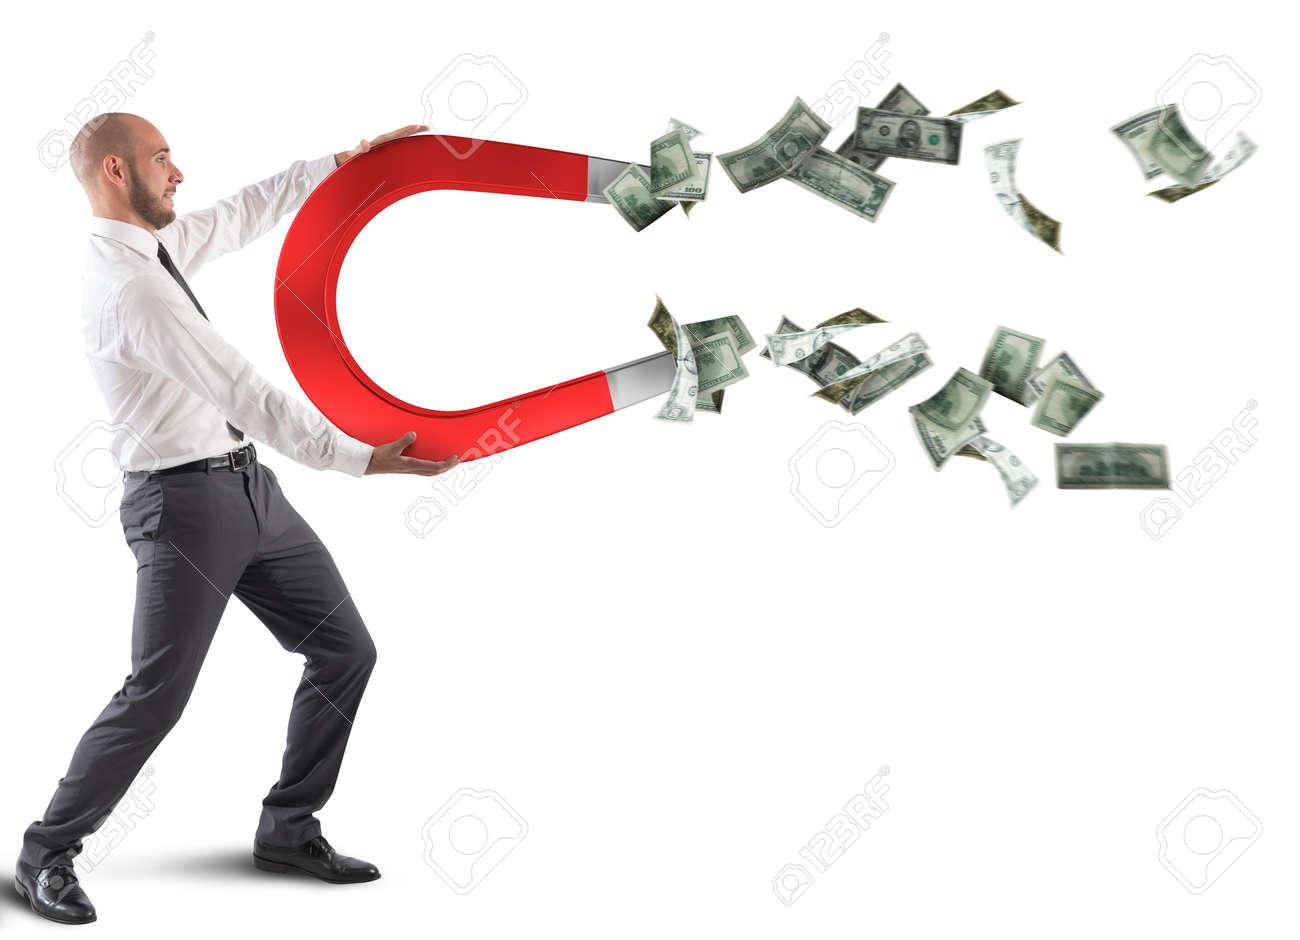 Businessman attracts money - 90613119